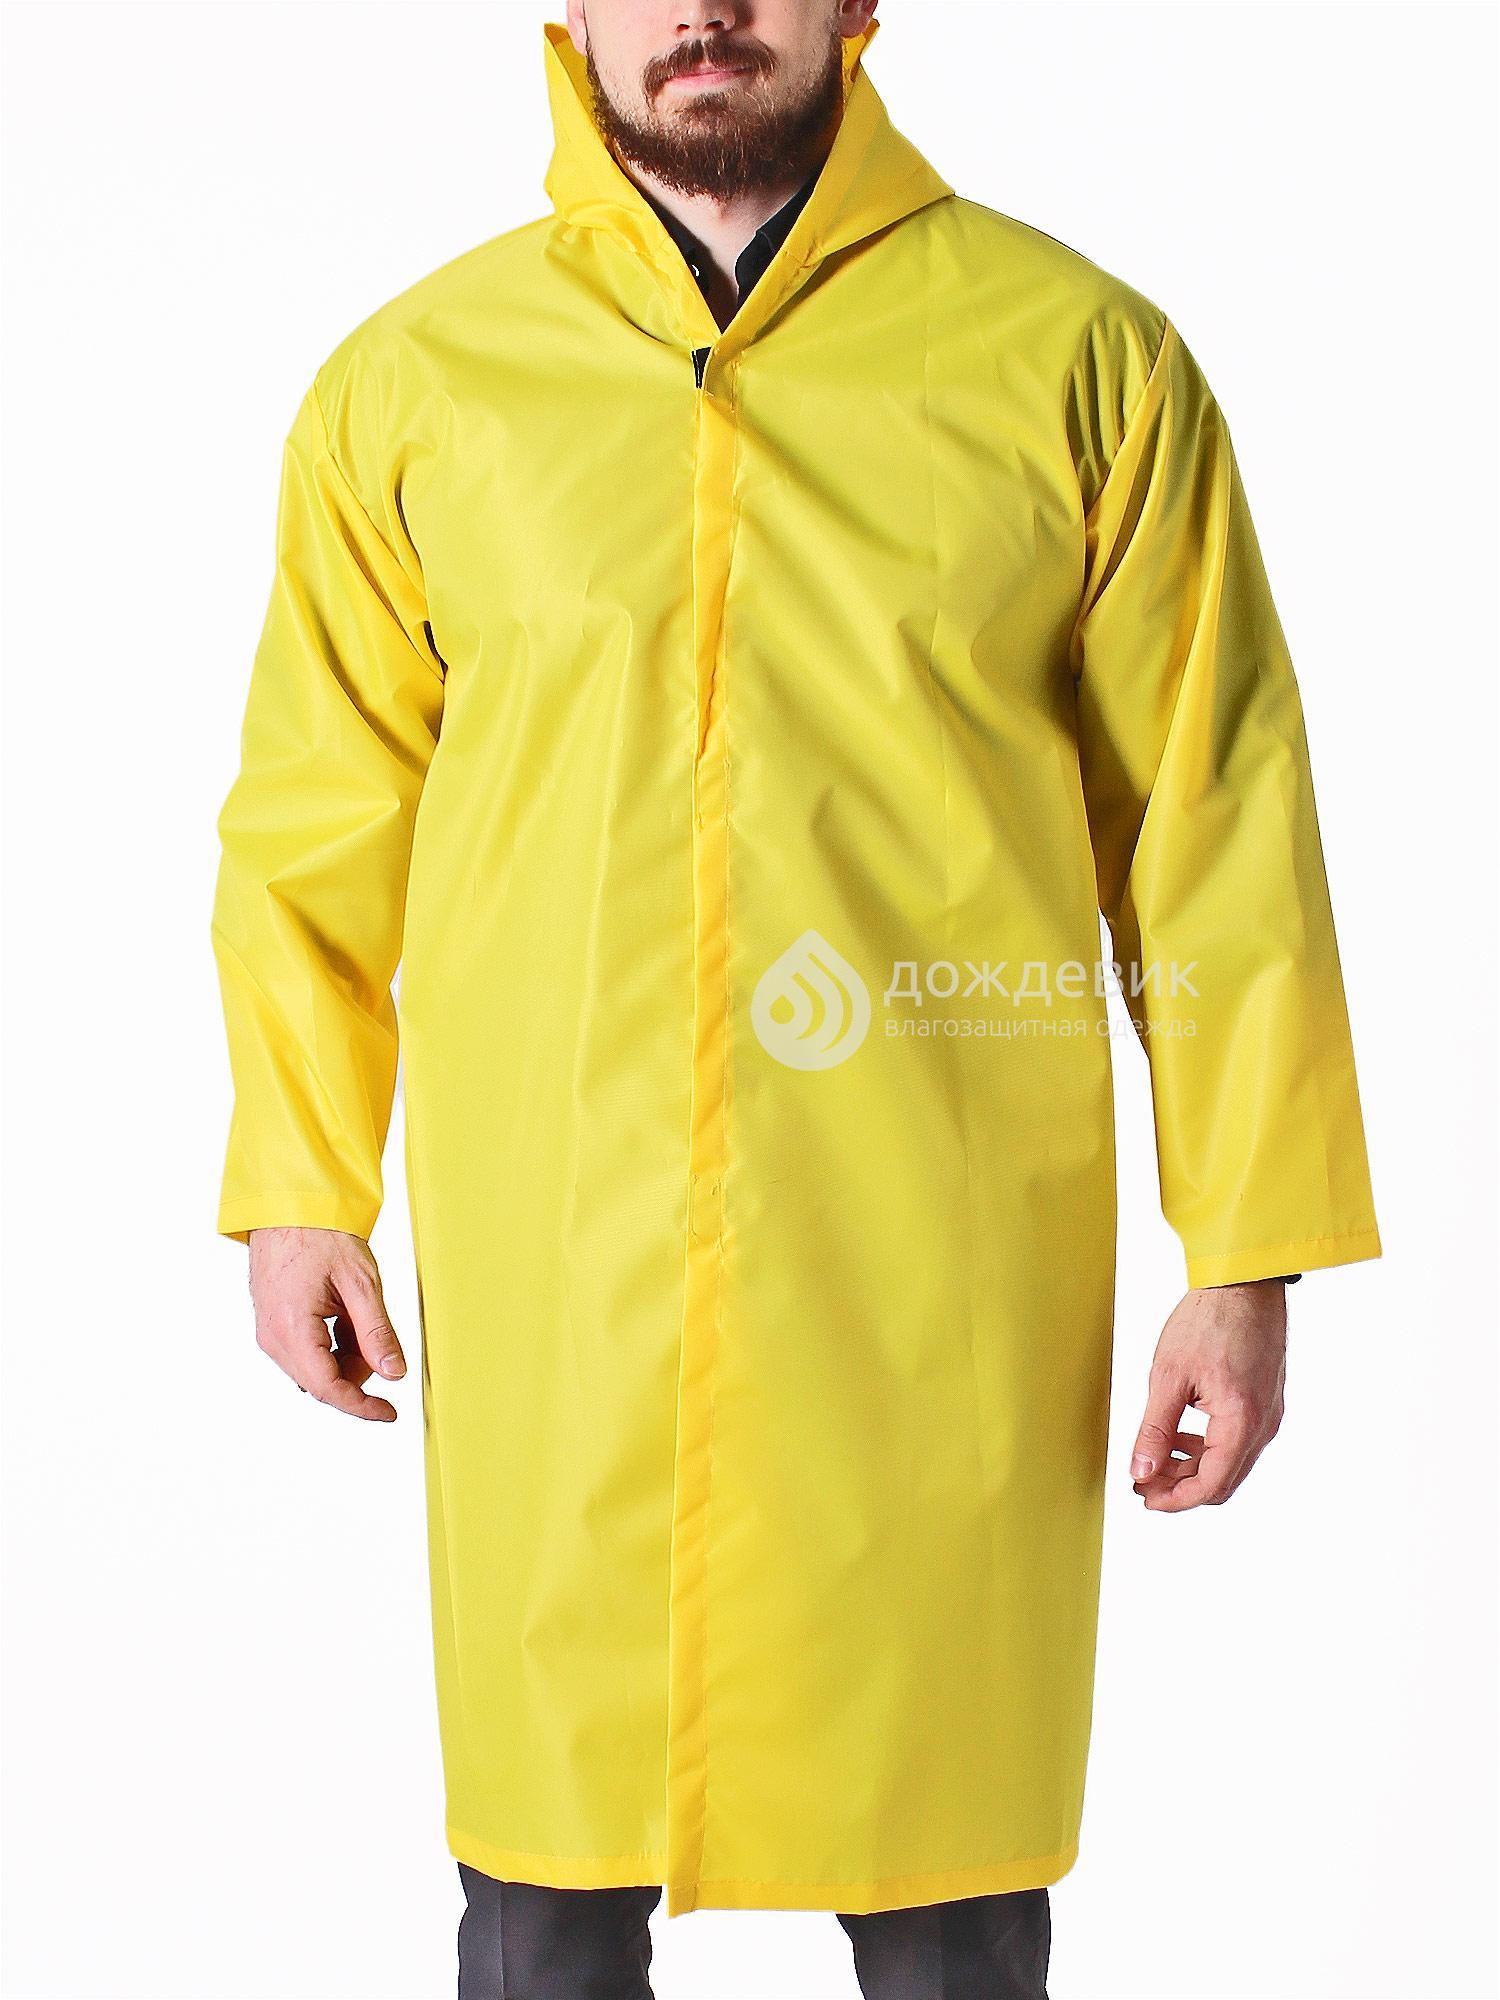 Плащ-дождевик тканевый жёлтый Оксфорд